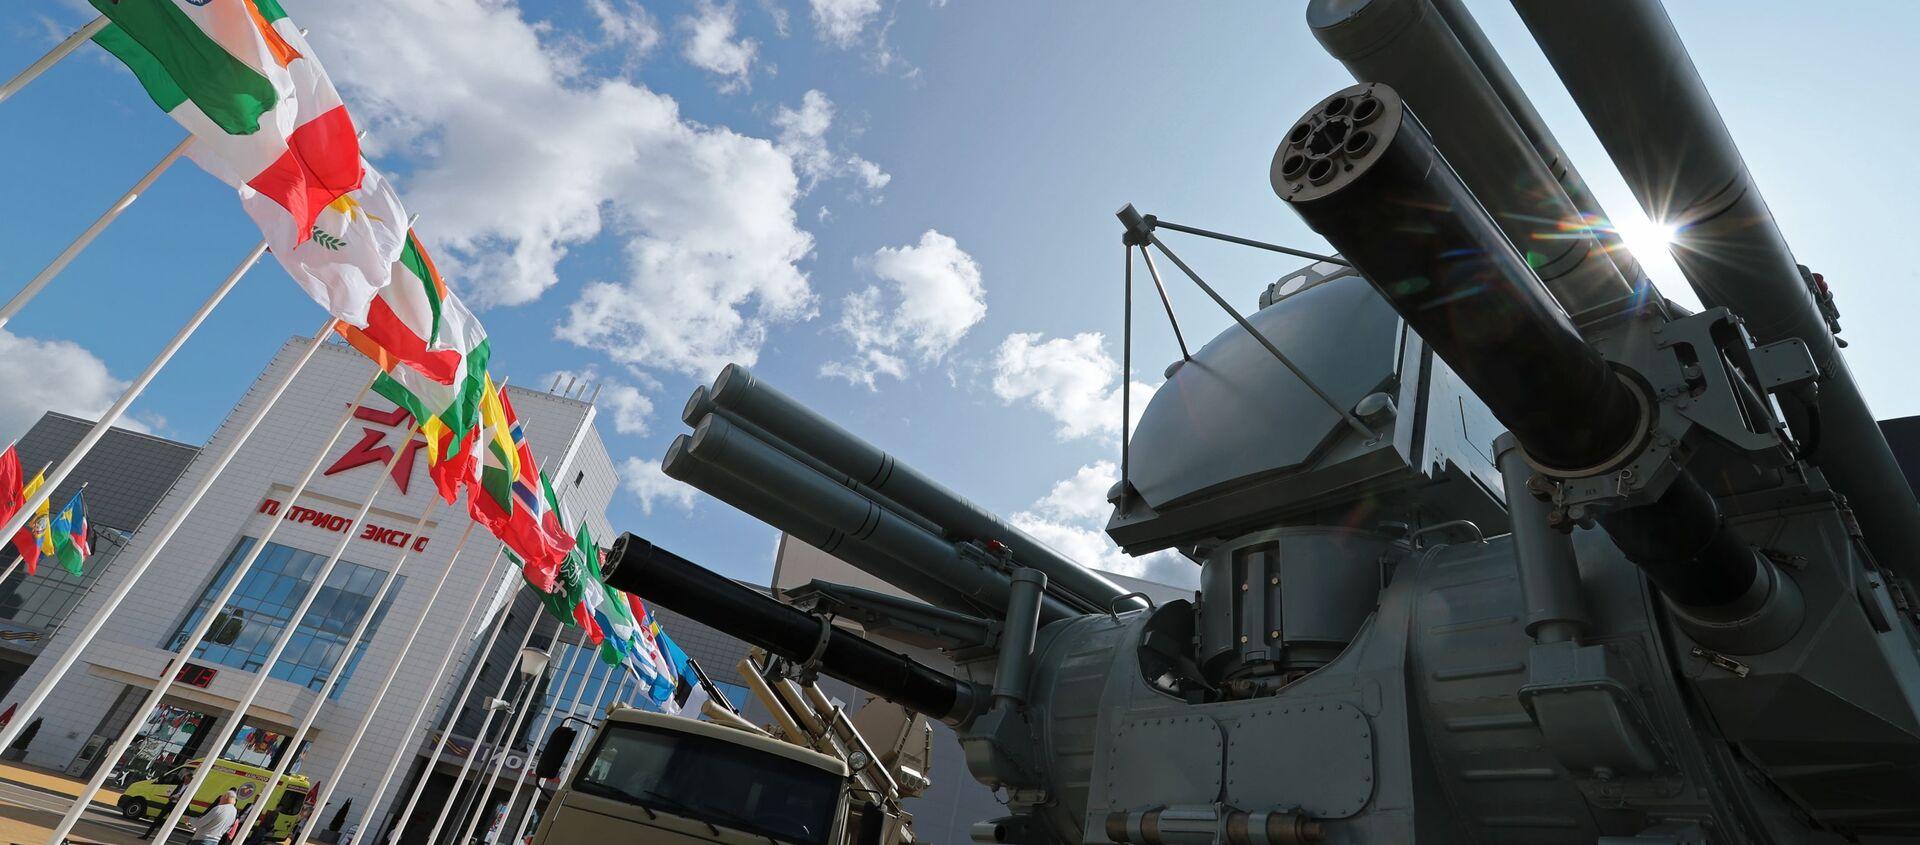 Зенитный ракетно-пушечный комплекс «Панцирь-МЕ» в экспозиции форума «Армия-2018» - Sputnik Latvija, 1920, 01.12.2020